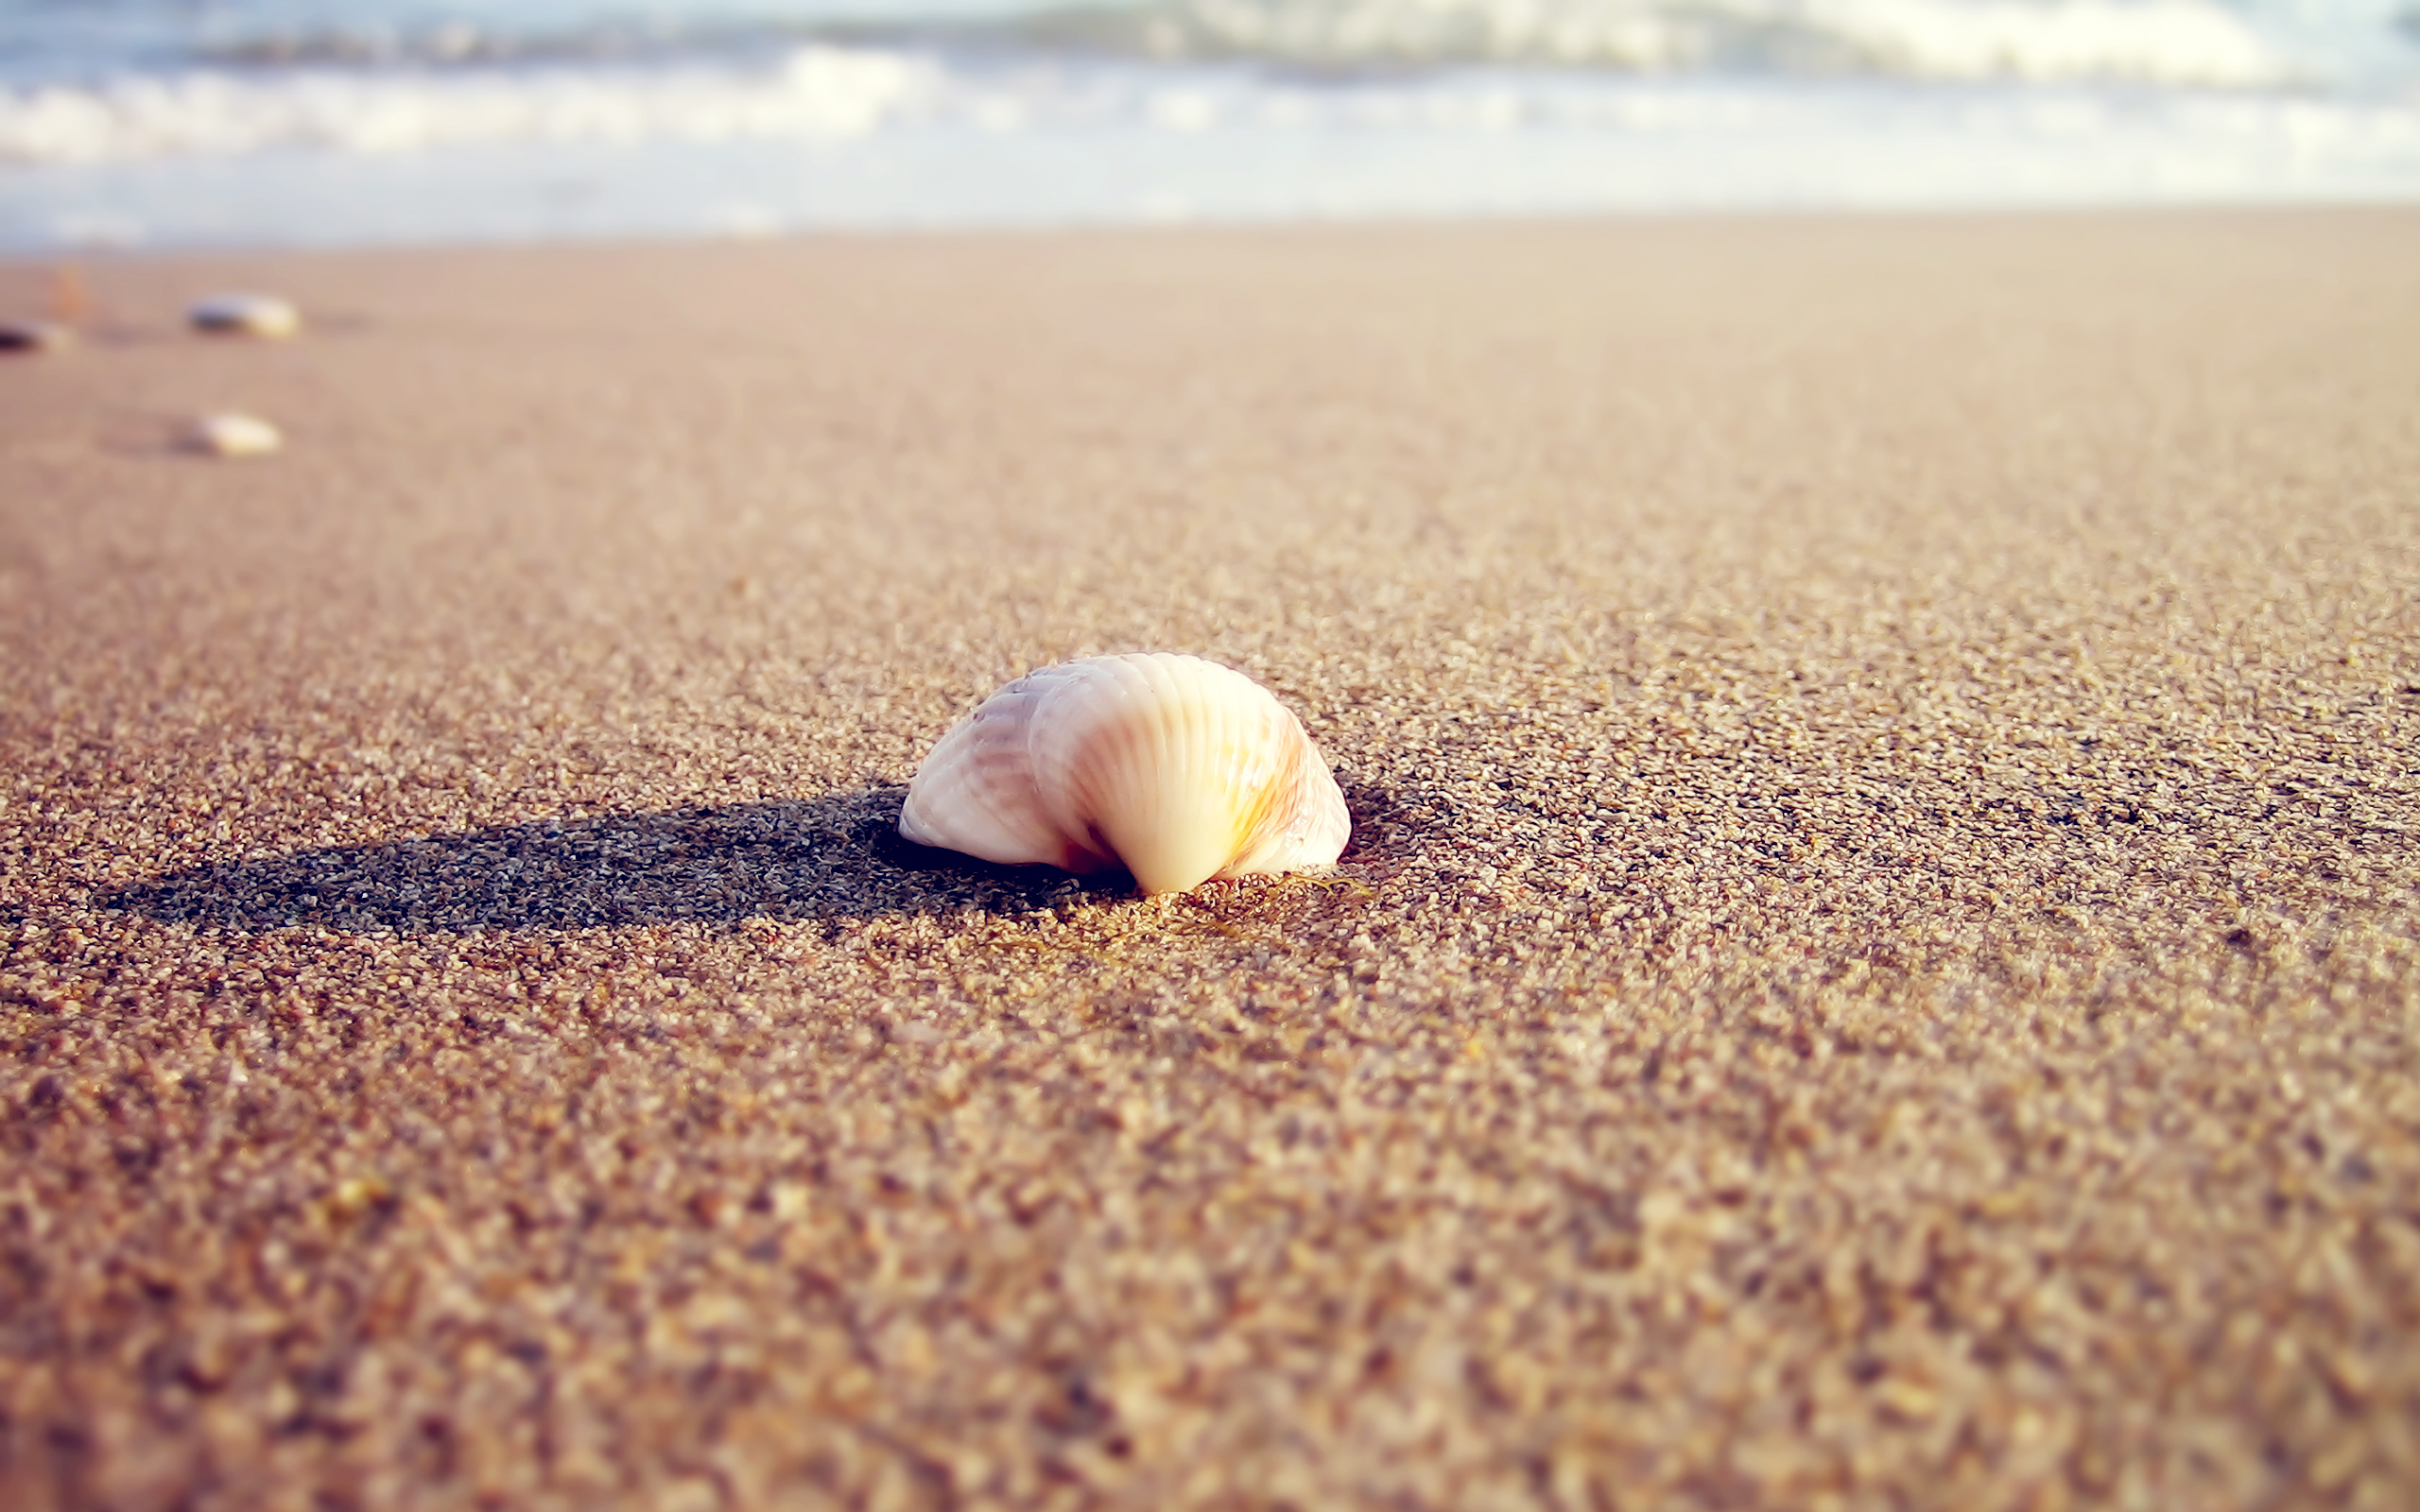 18504 скачать обои Пейзаж, Море, Пляж, Ракушки - заставки и картинки бесплатно